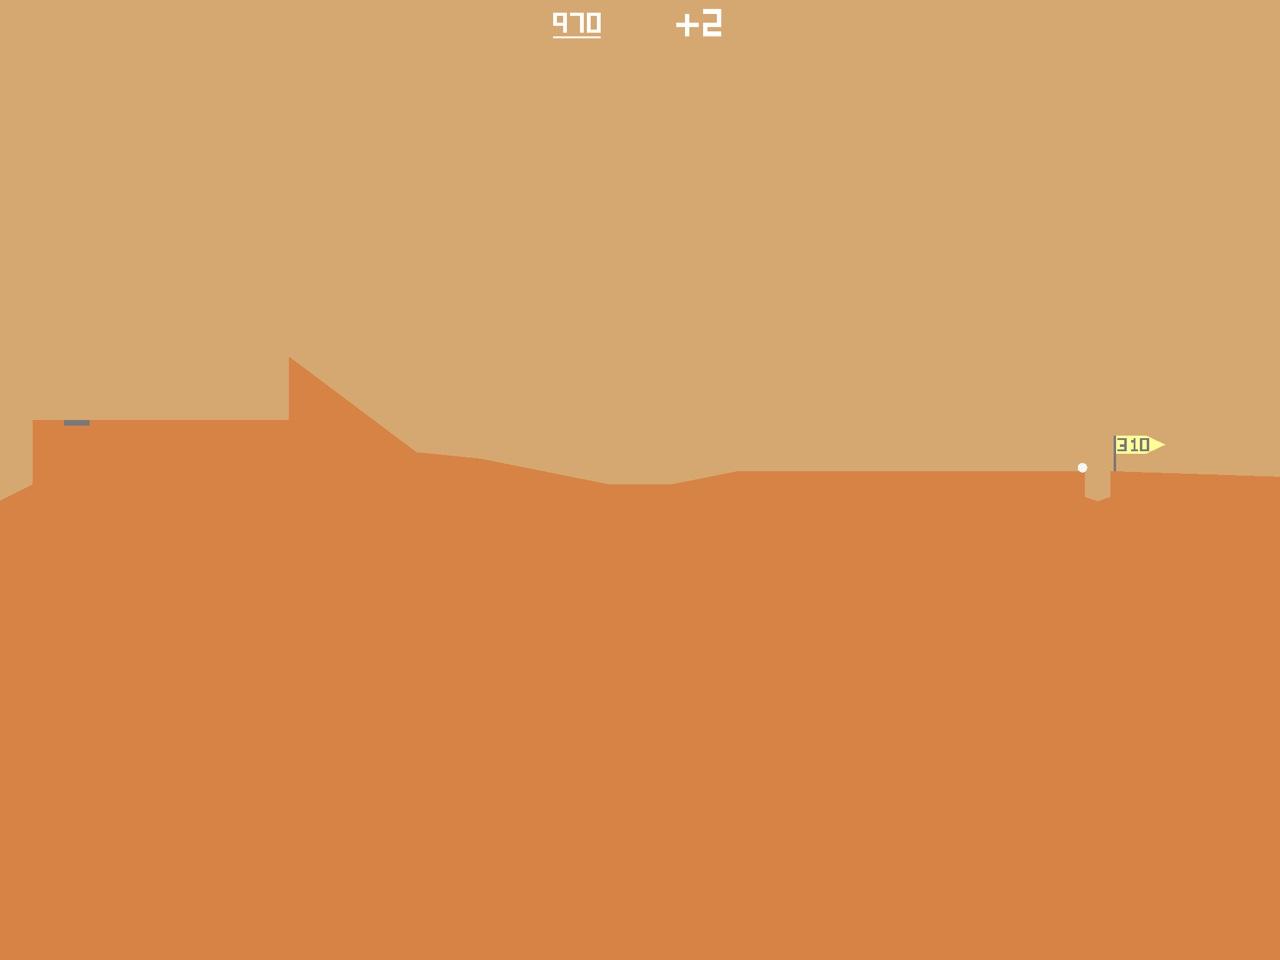 desert-golfing-00026